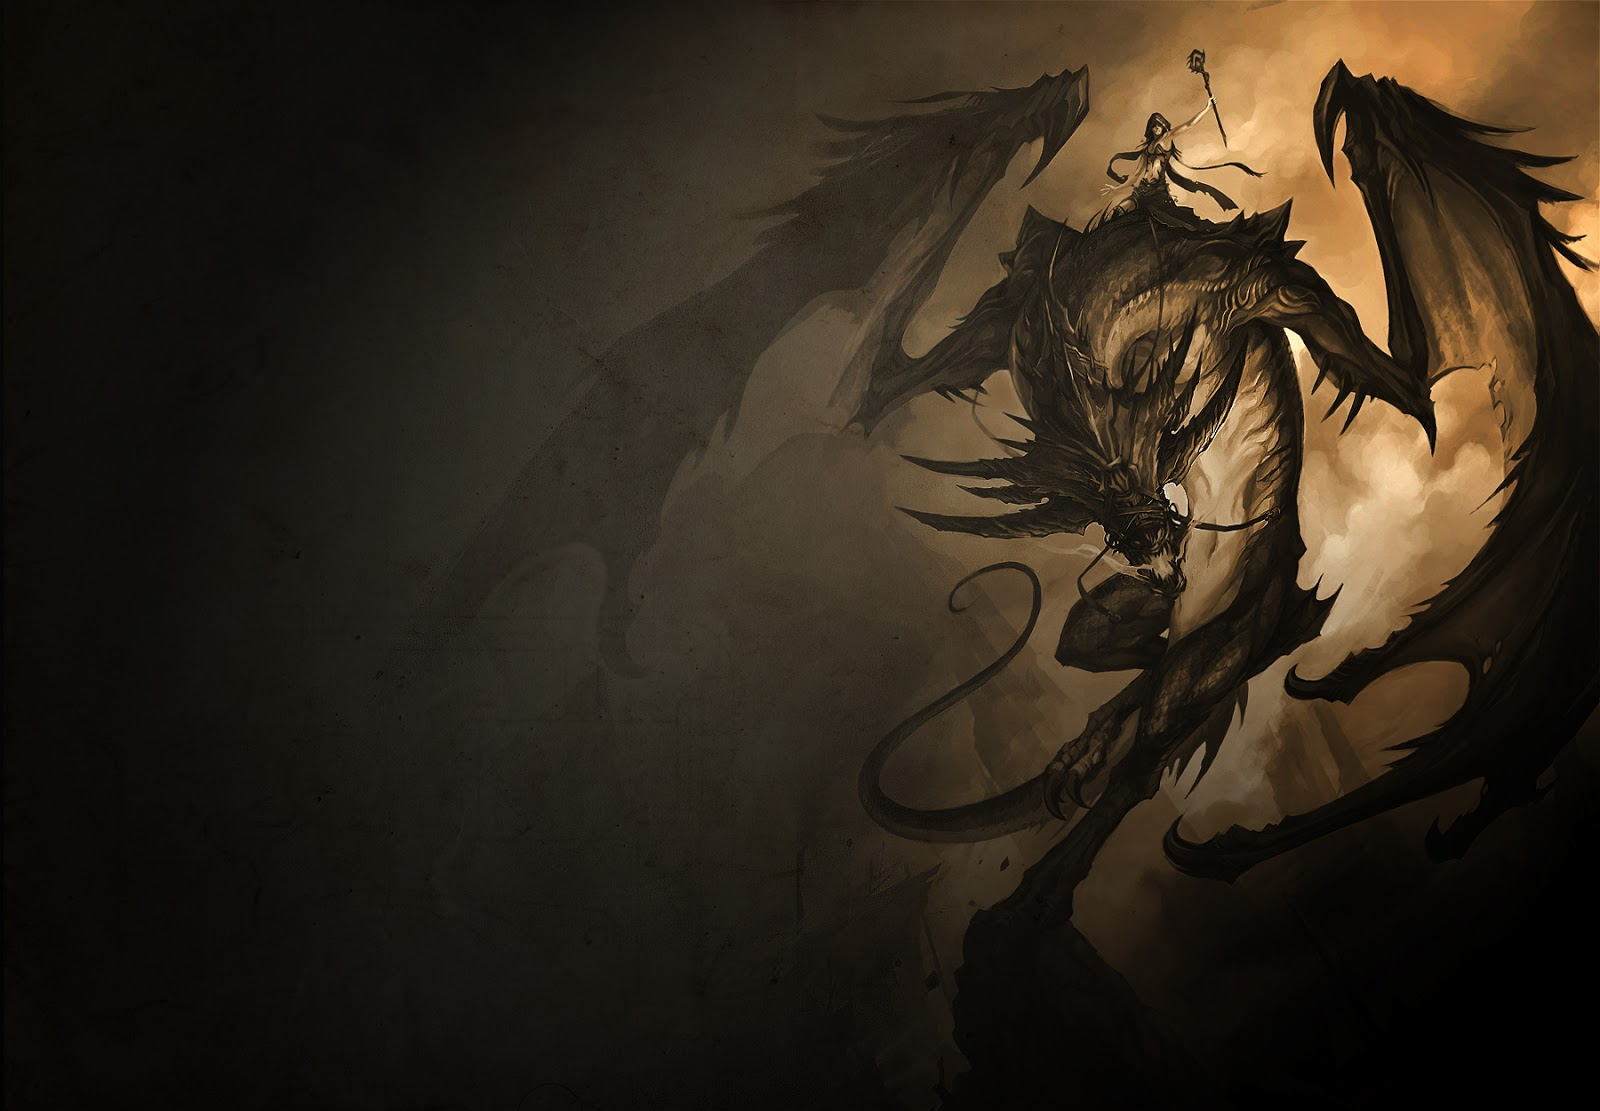 dragon+wallpaper+(1)